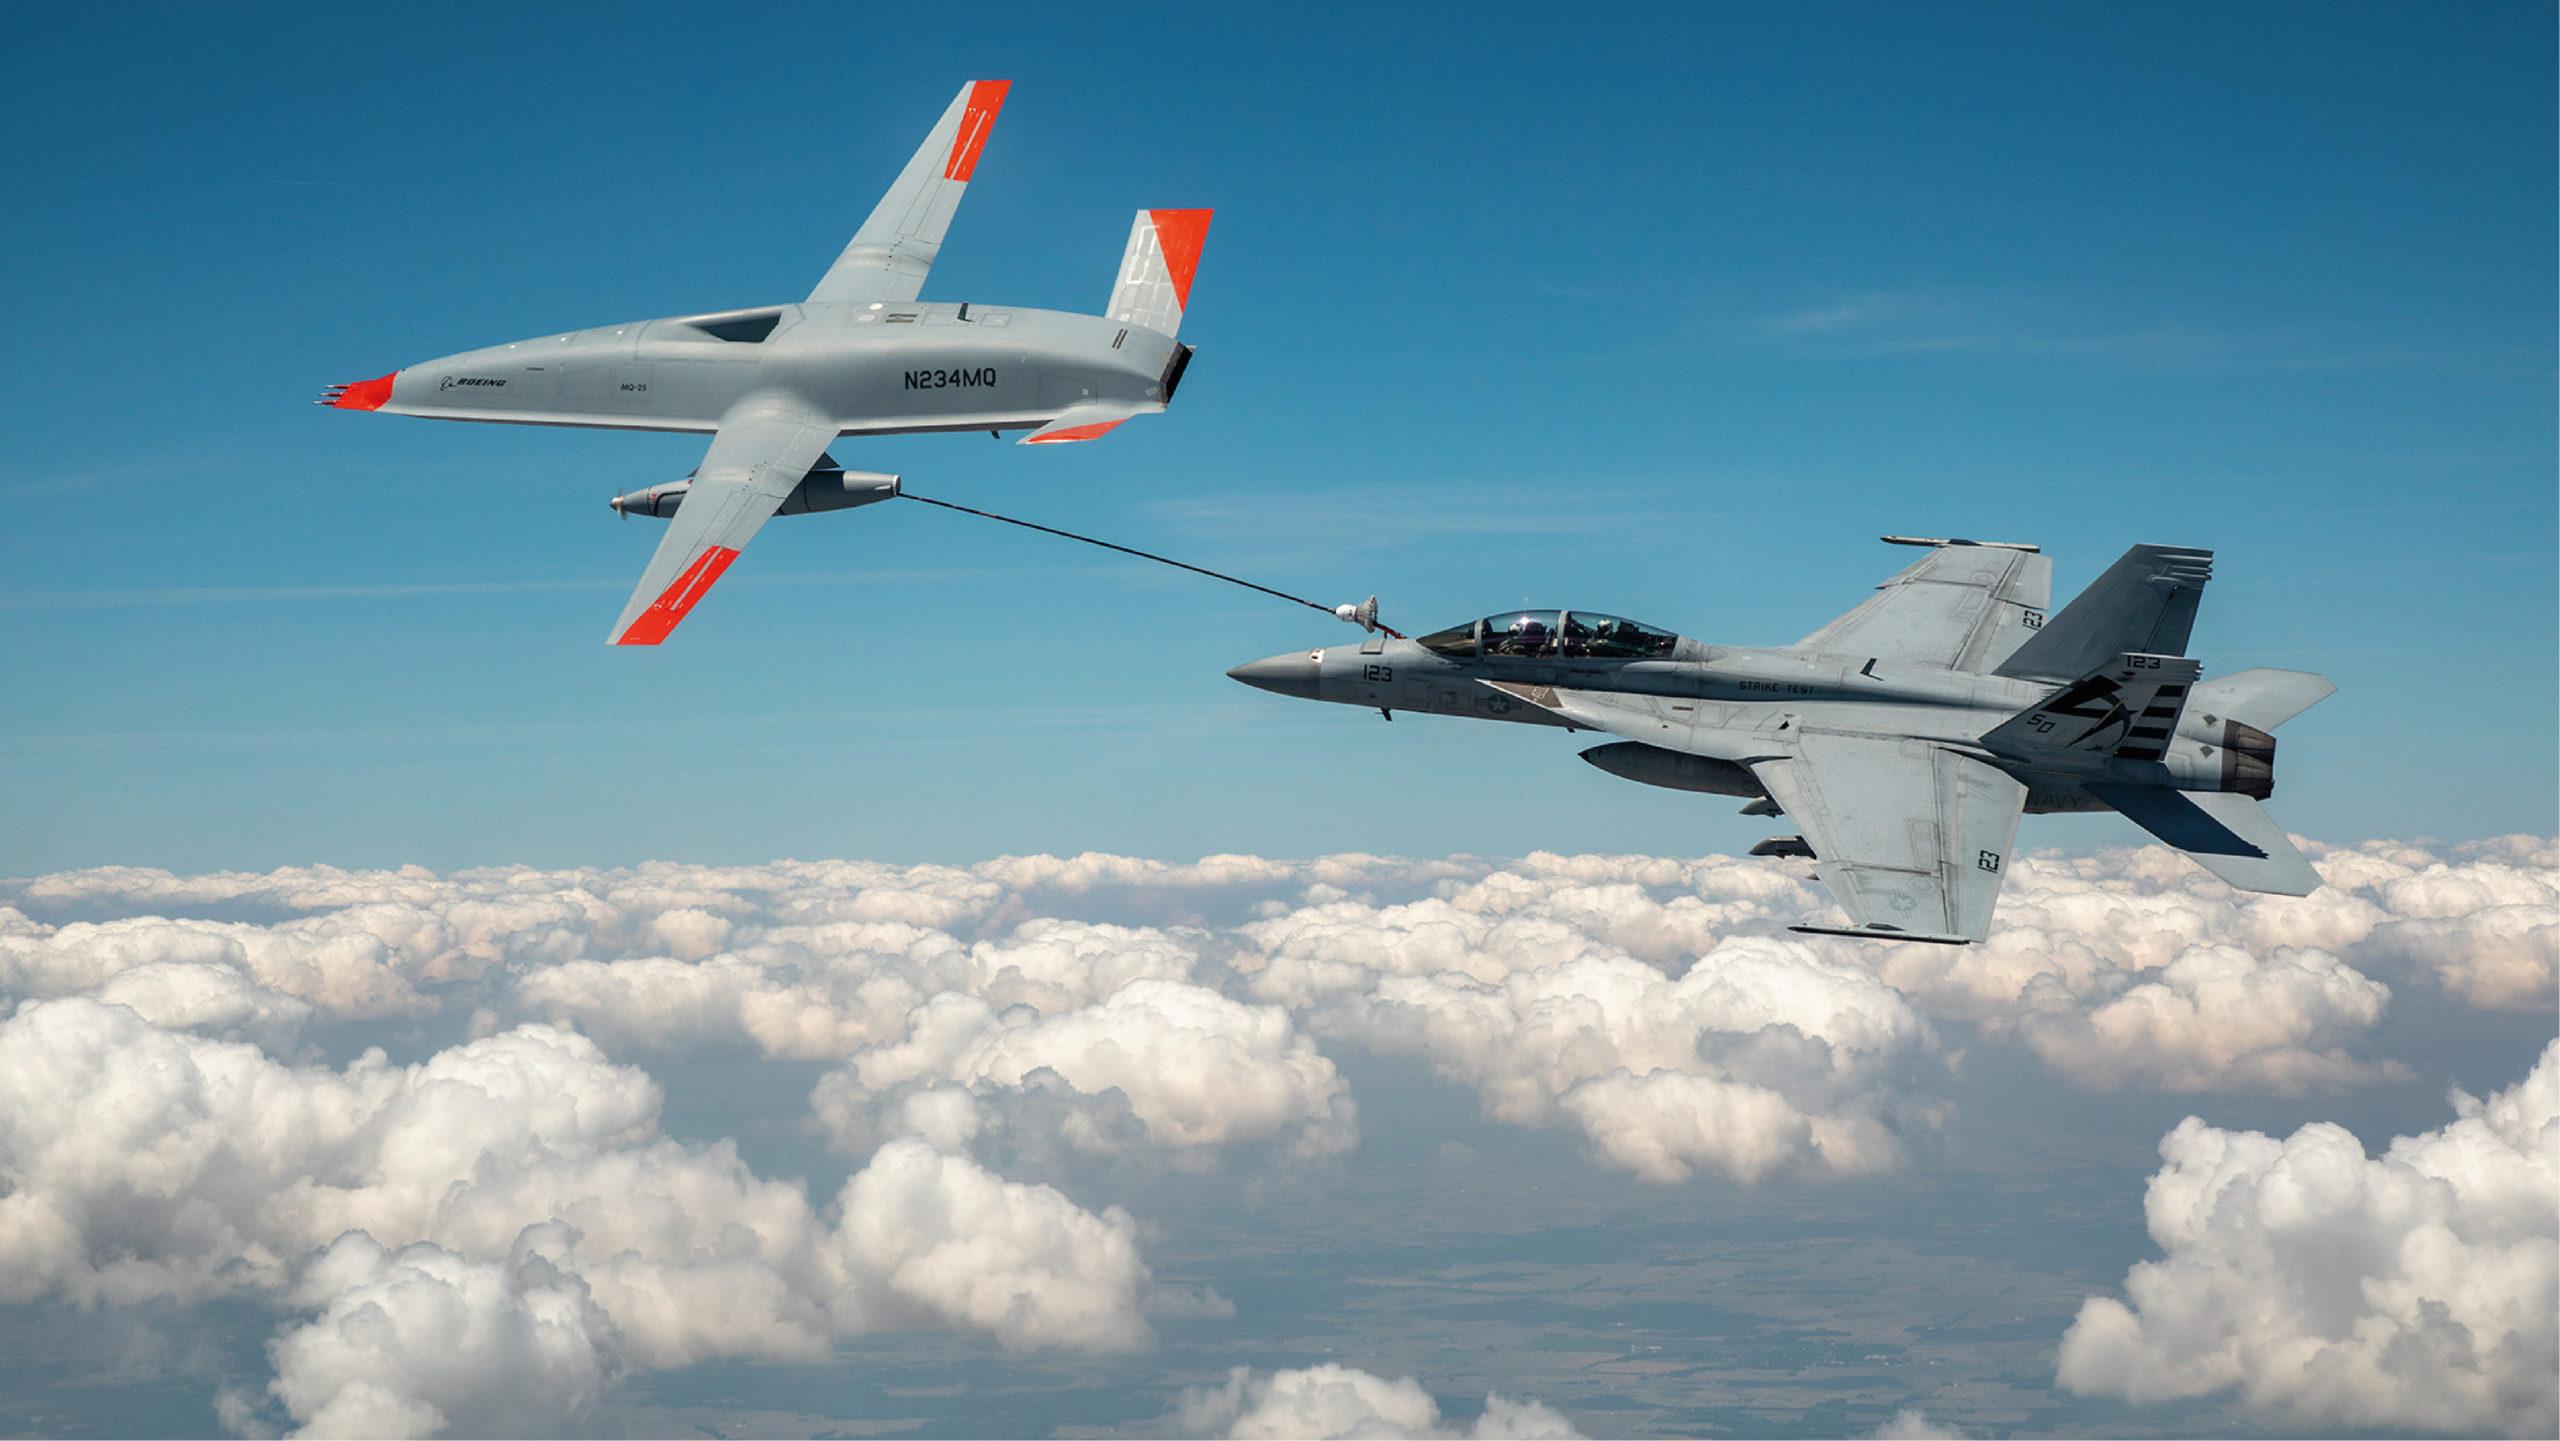 Un dron reabastece de combustible a avión militar de EU en pleno vuelo